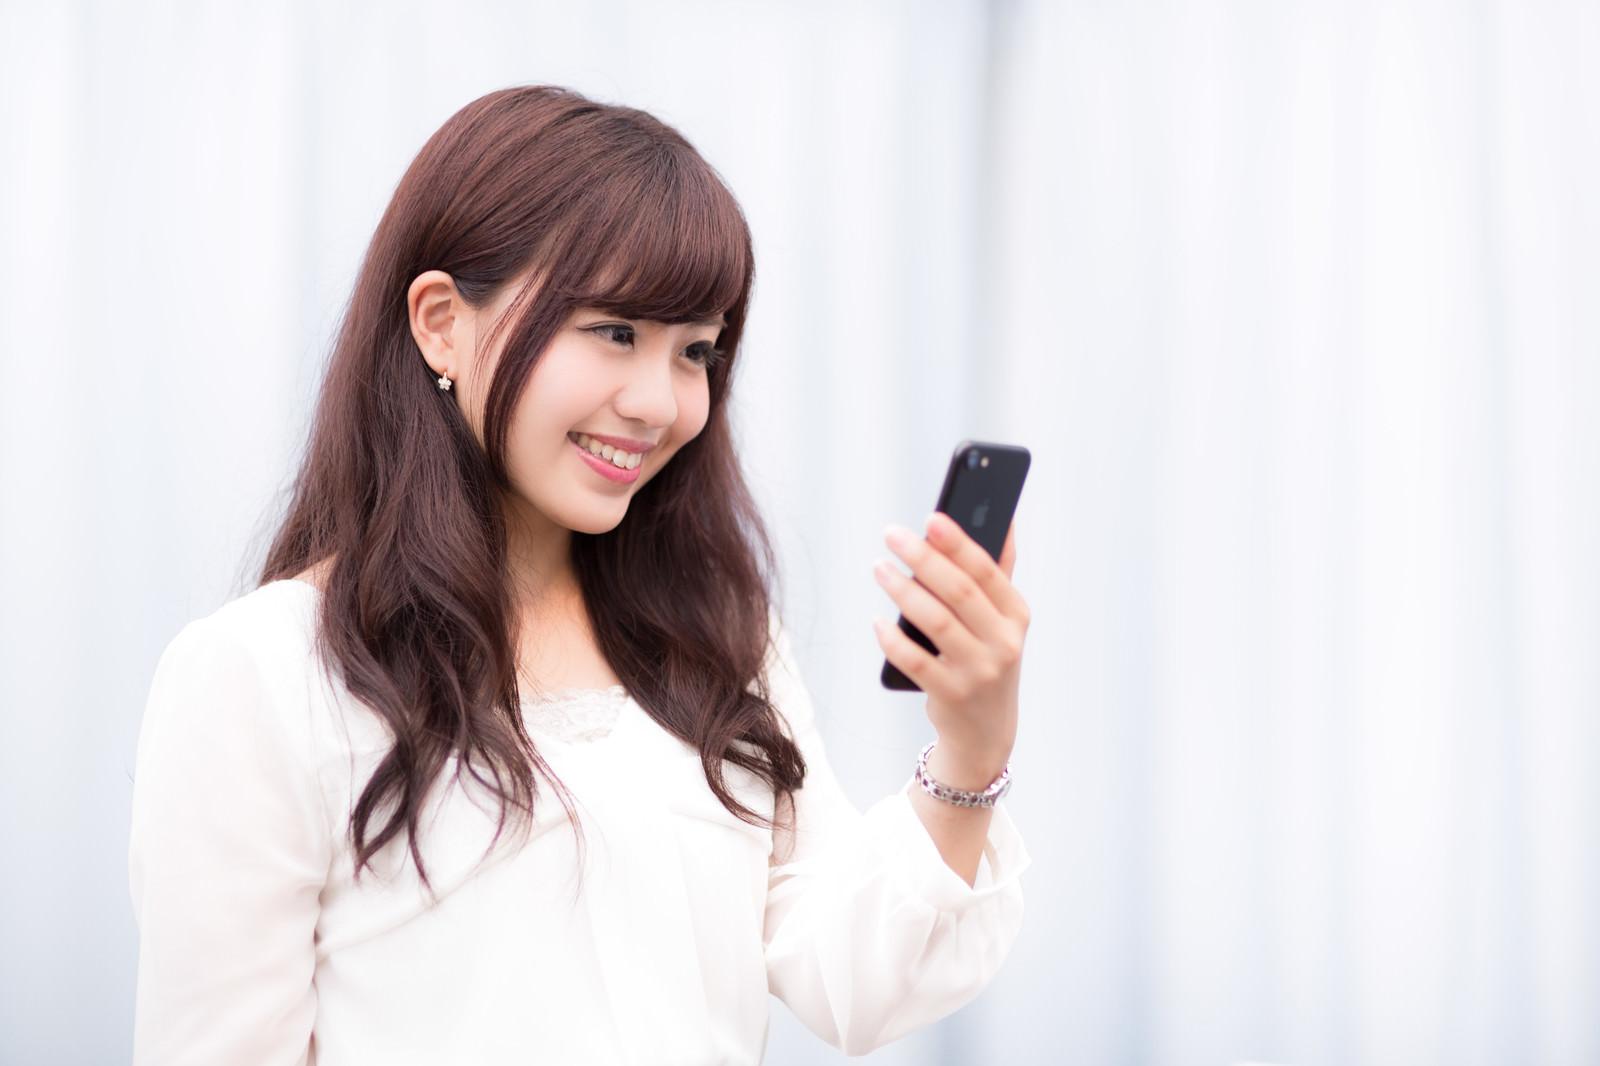 「新しいスマートフォンの高色域ディスプレイにご満悦のキラキラ女性」の写真[モデル:河村友歌]